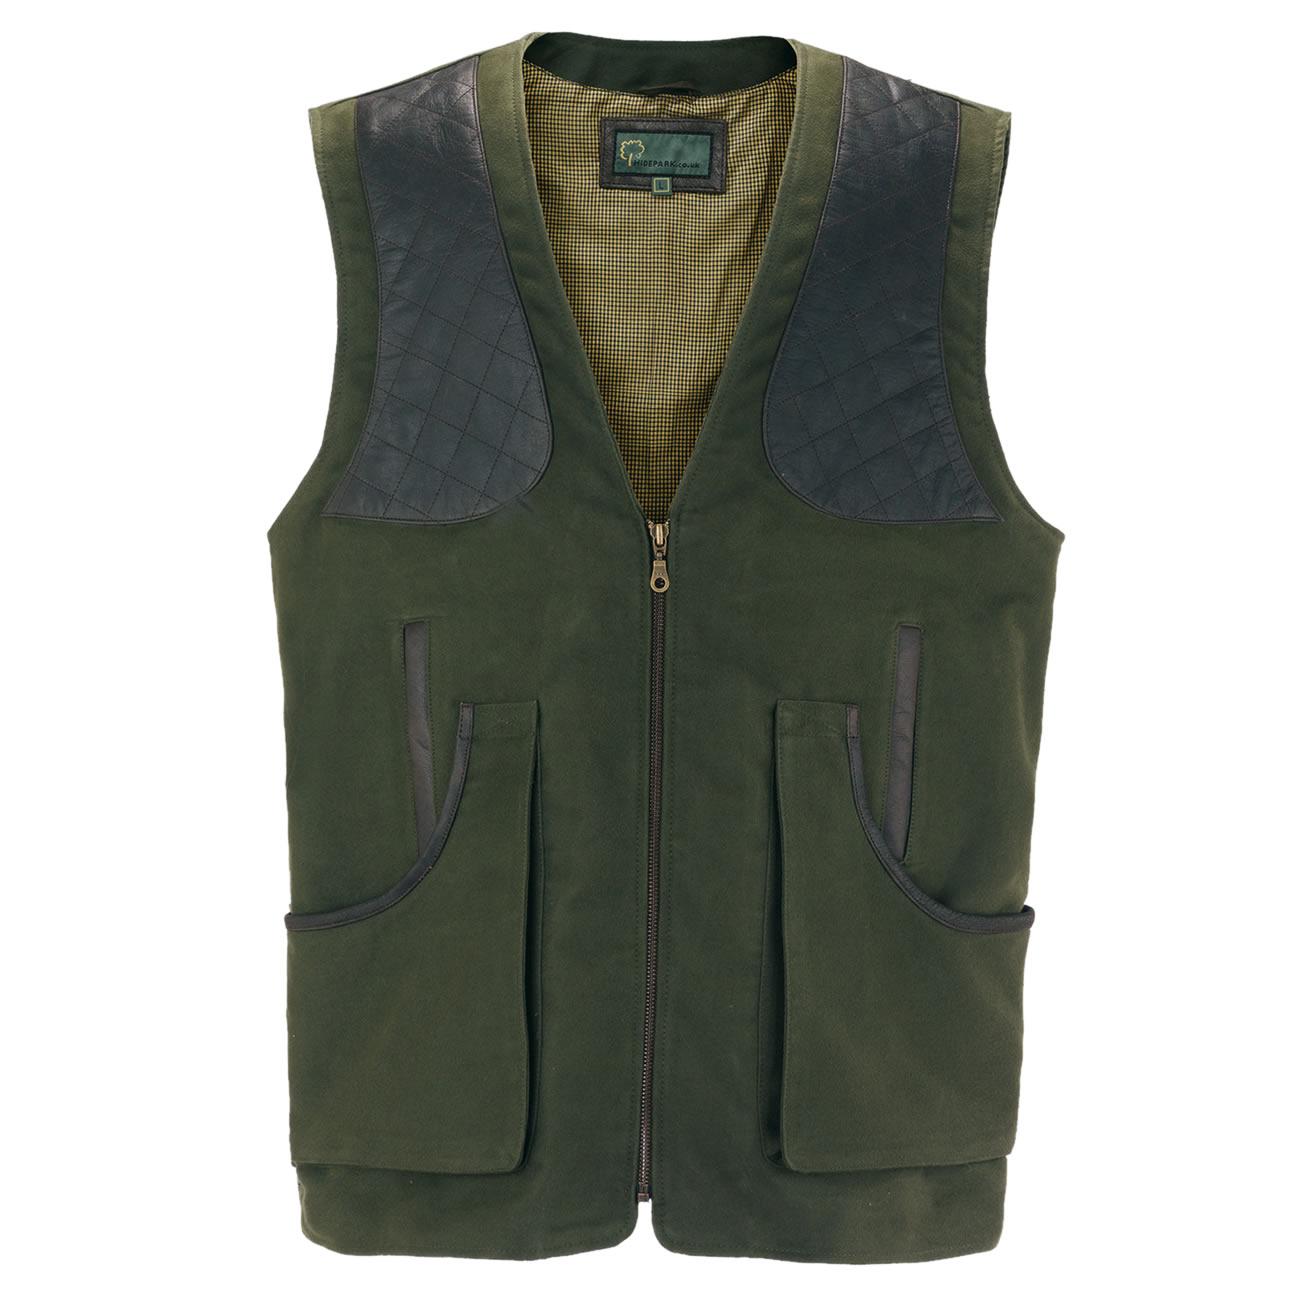 Gents moleskin shooting vest green M